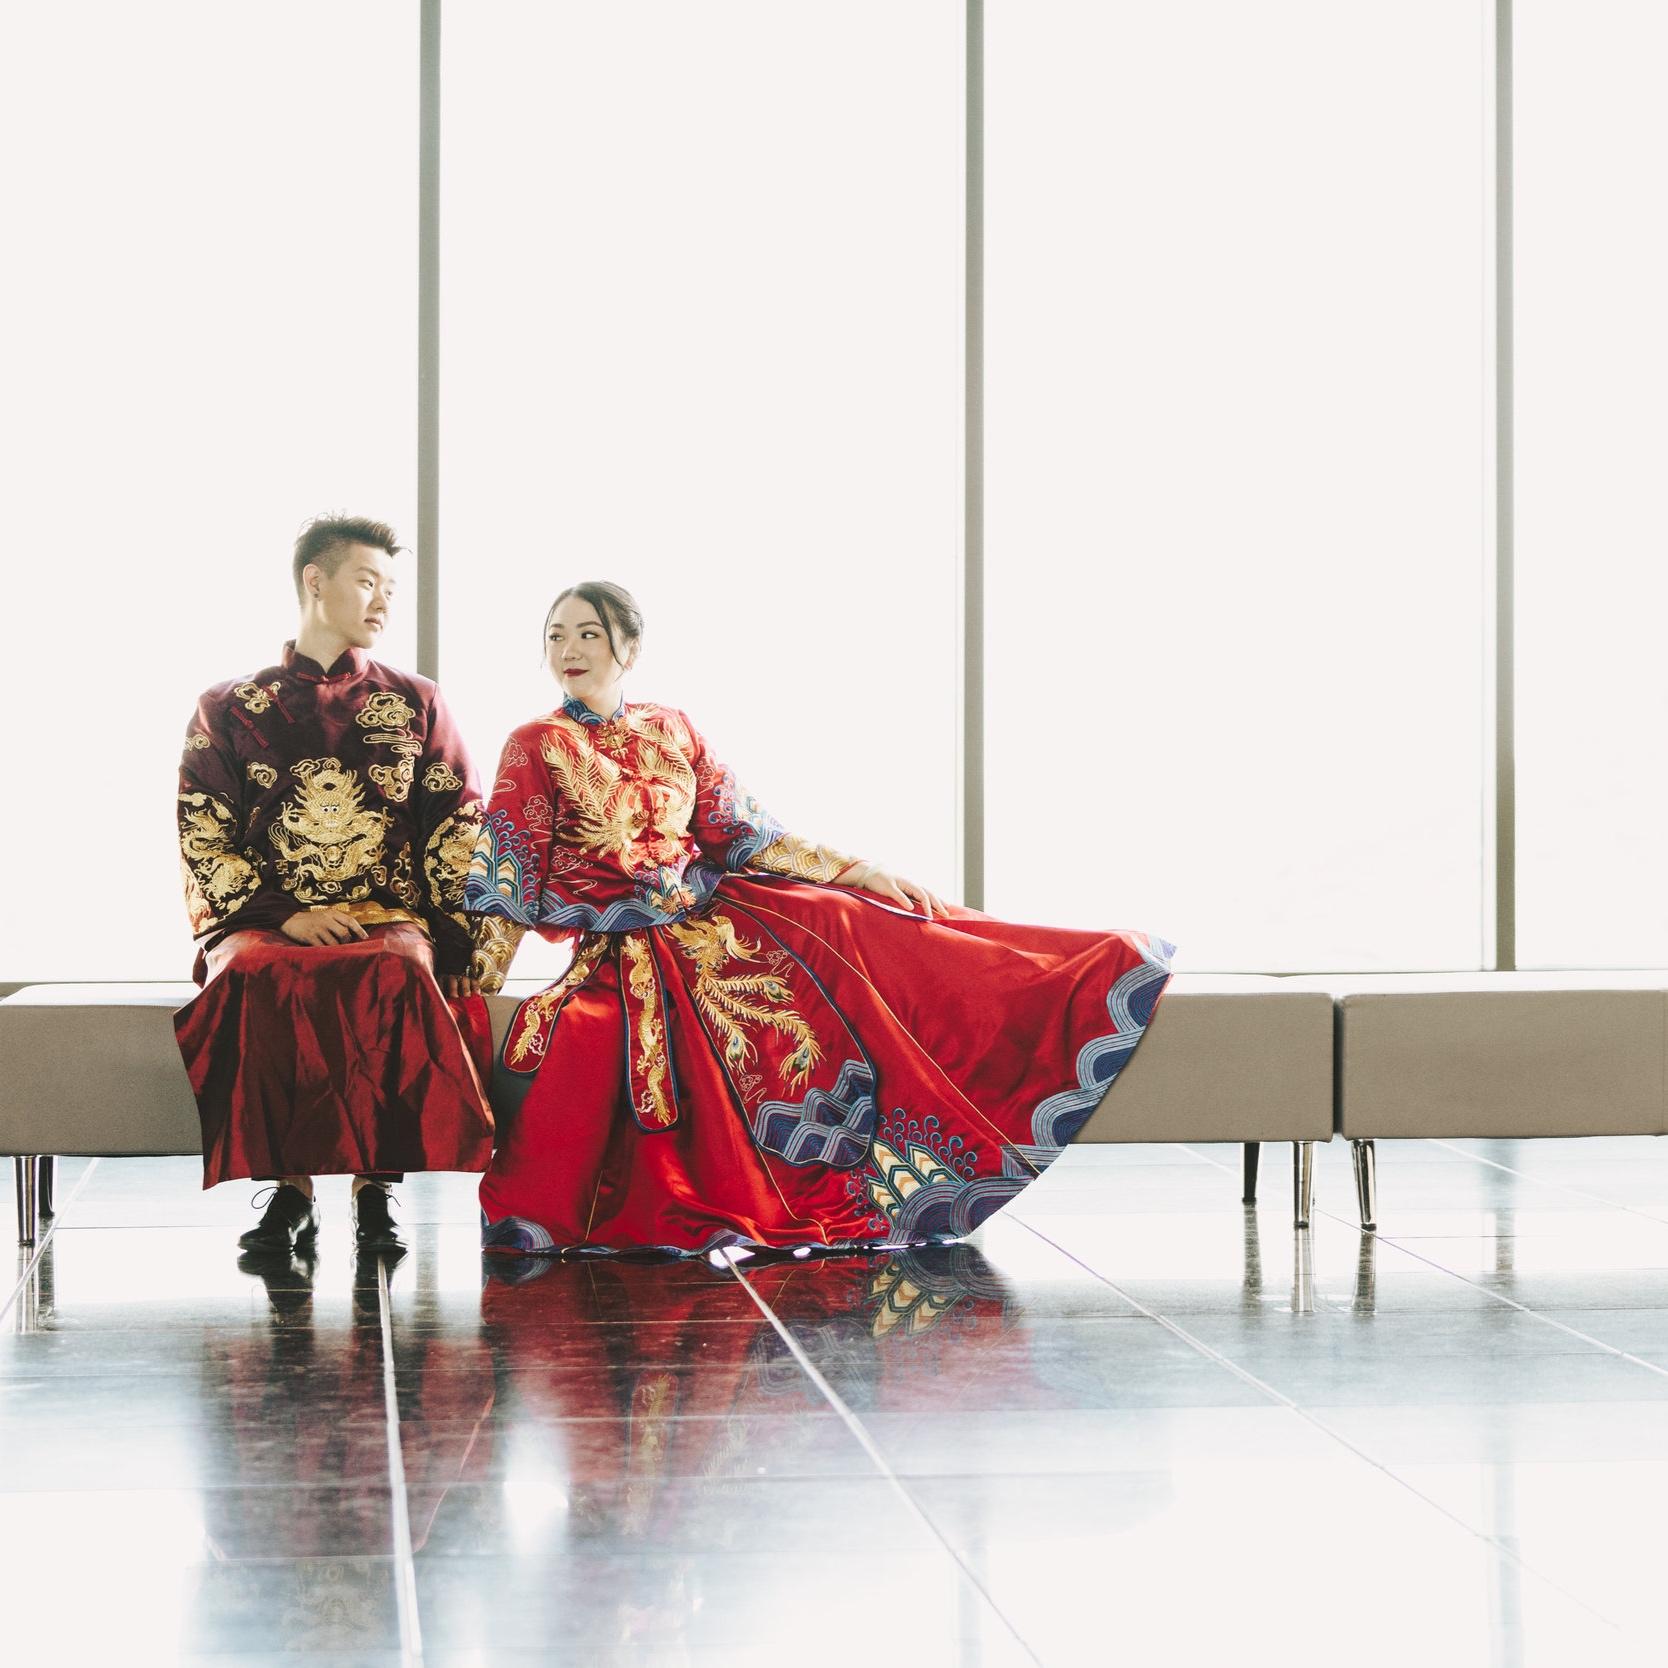 newfoundland 1 -xiaoyi & han -